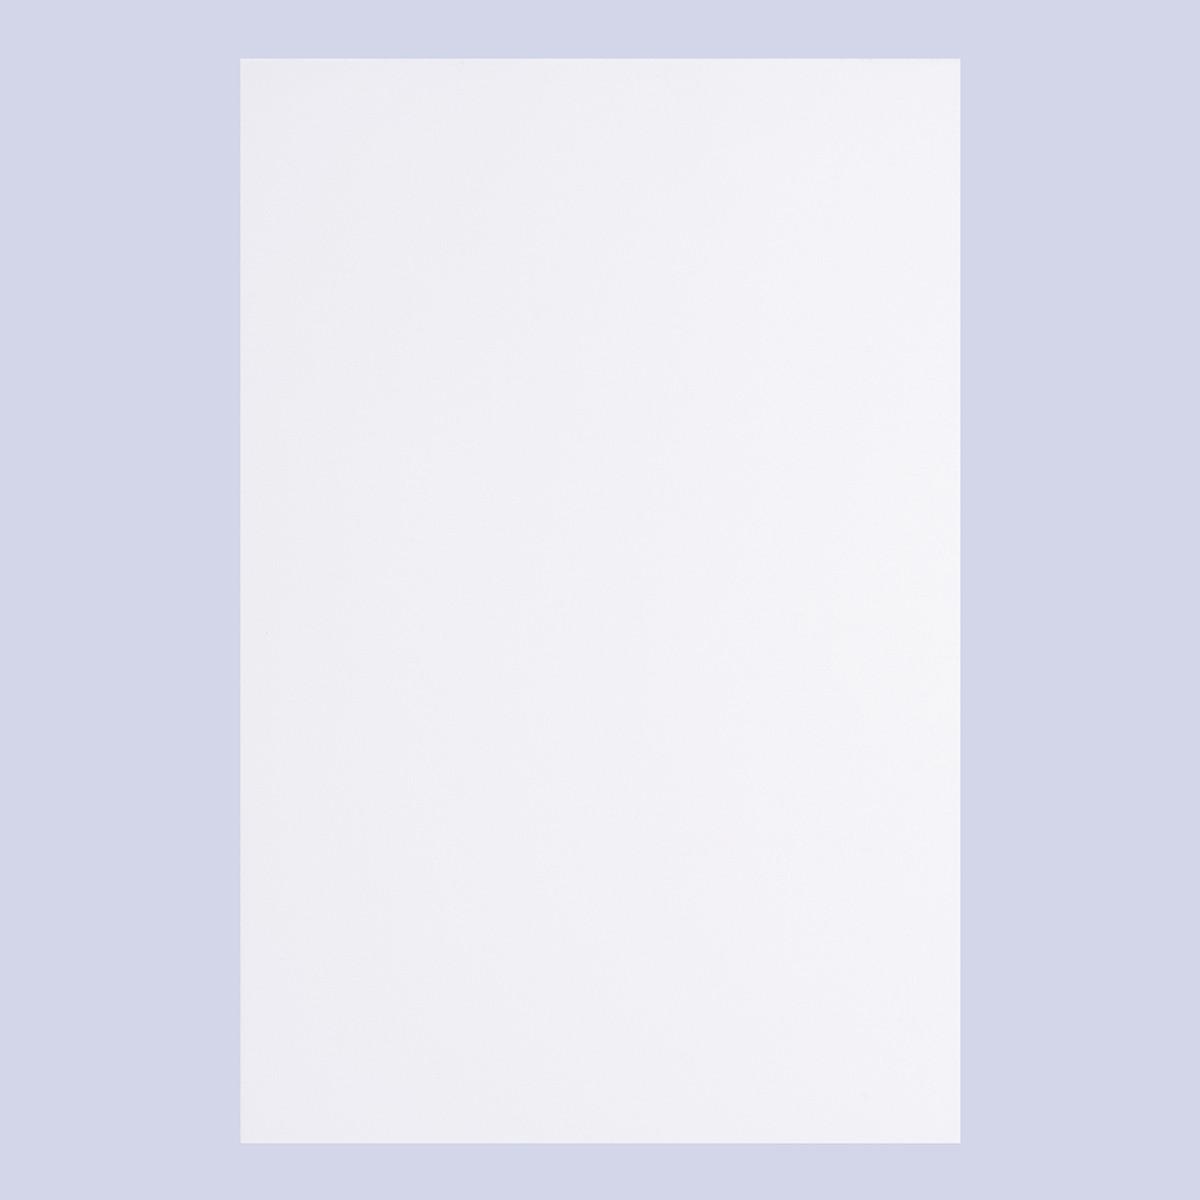 Фоамиран ЭВА белый, 200*300 мм, толщина 1,7 мм, 10 листов